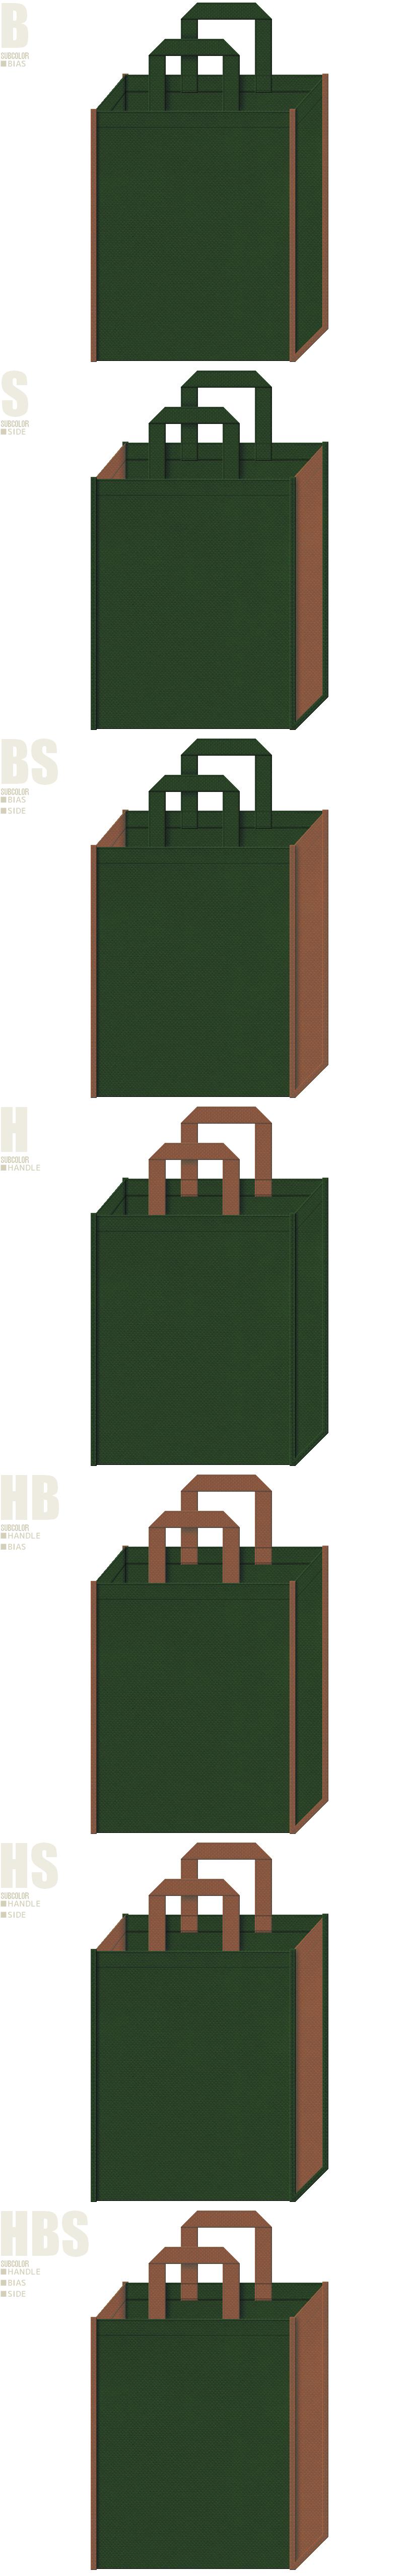 松の木・絵本・森・もみの木・クリスマス・アウトドア・キャンプ用品の展示会用バッグにお奨めの不織布バッグデザイン:濃緑色と茶色の不織布バッグ配色7パターン。